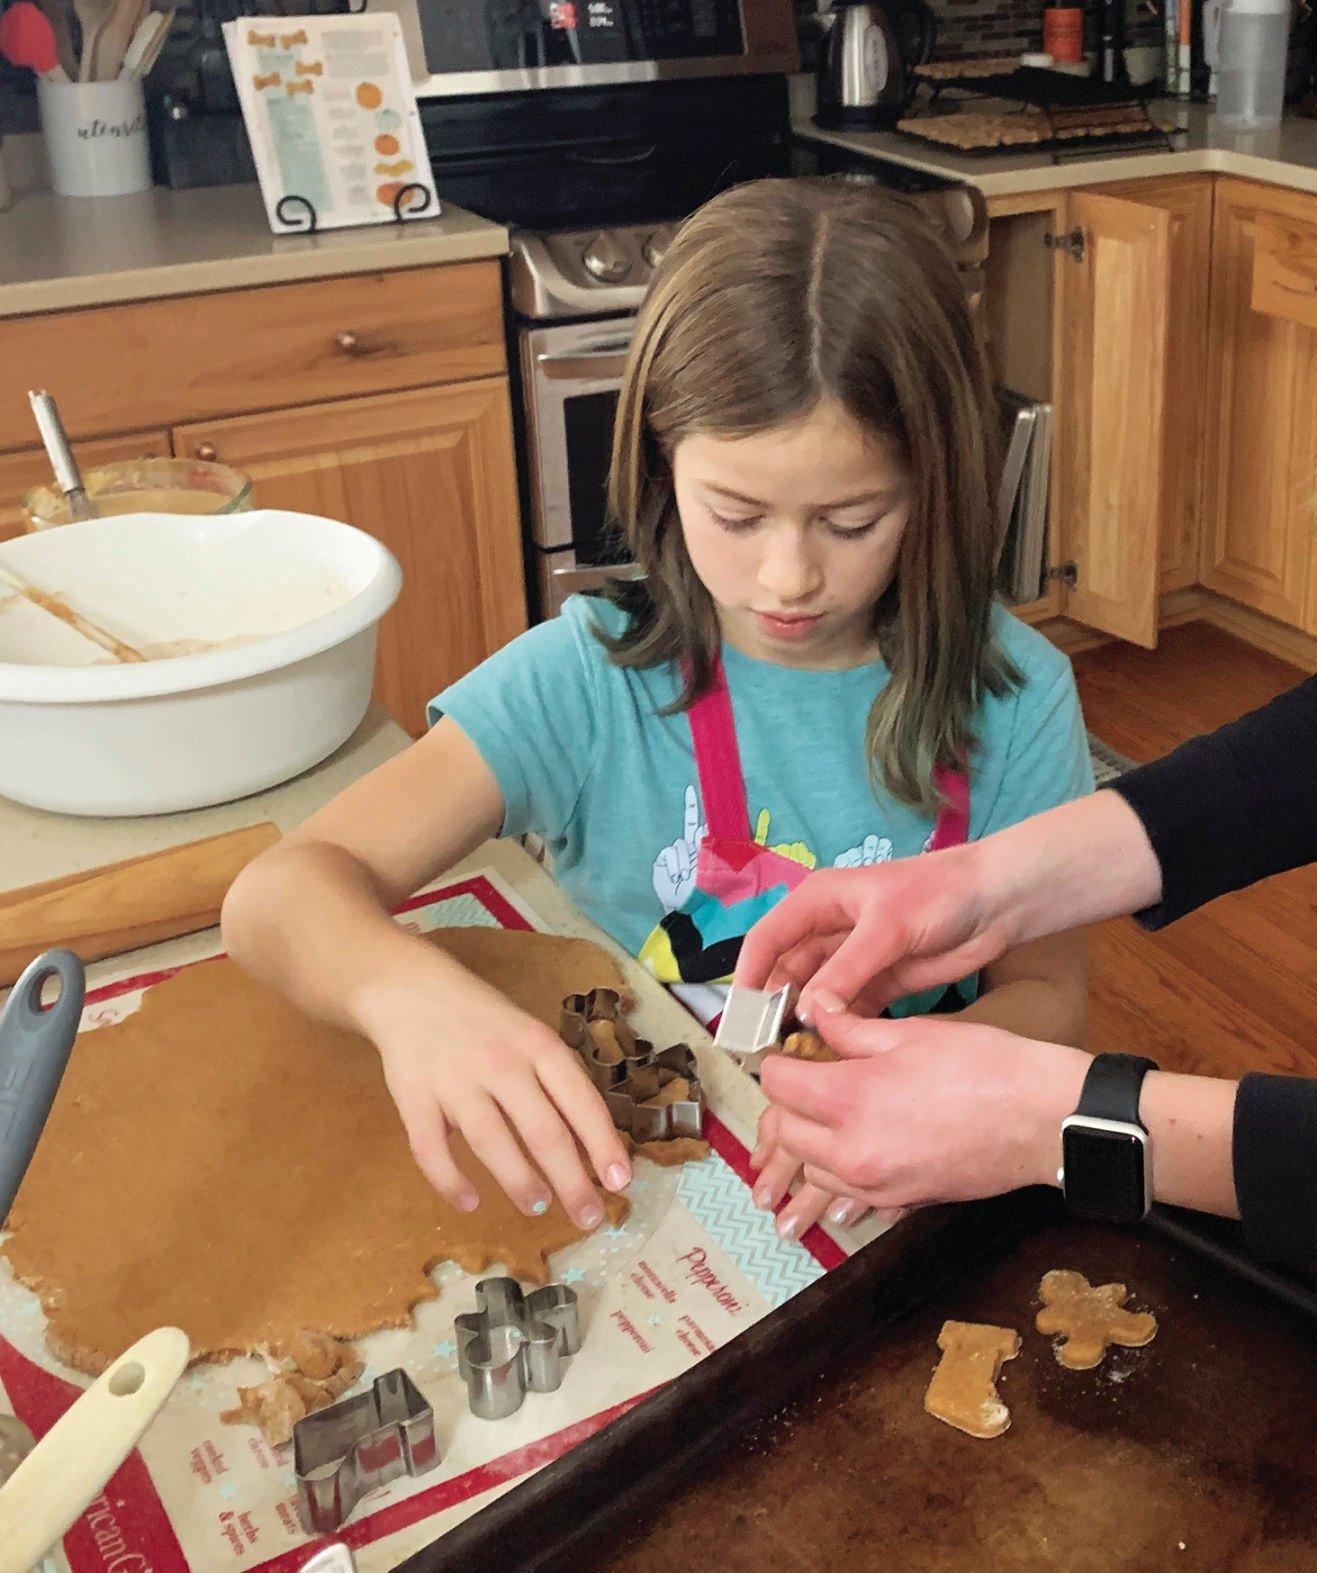 Lil & Pix: Baking Treats